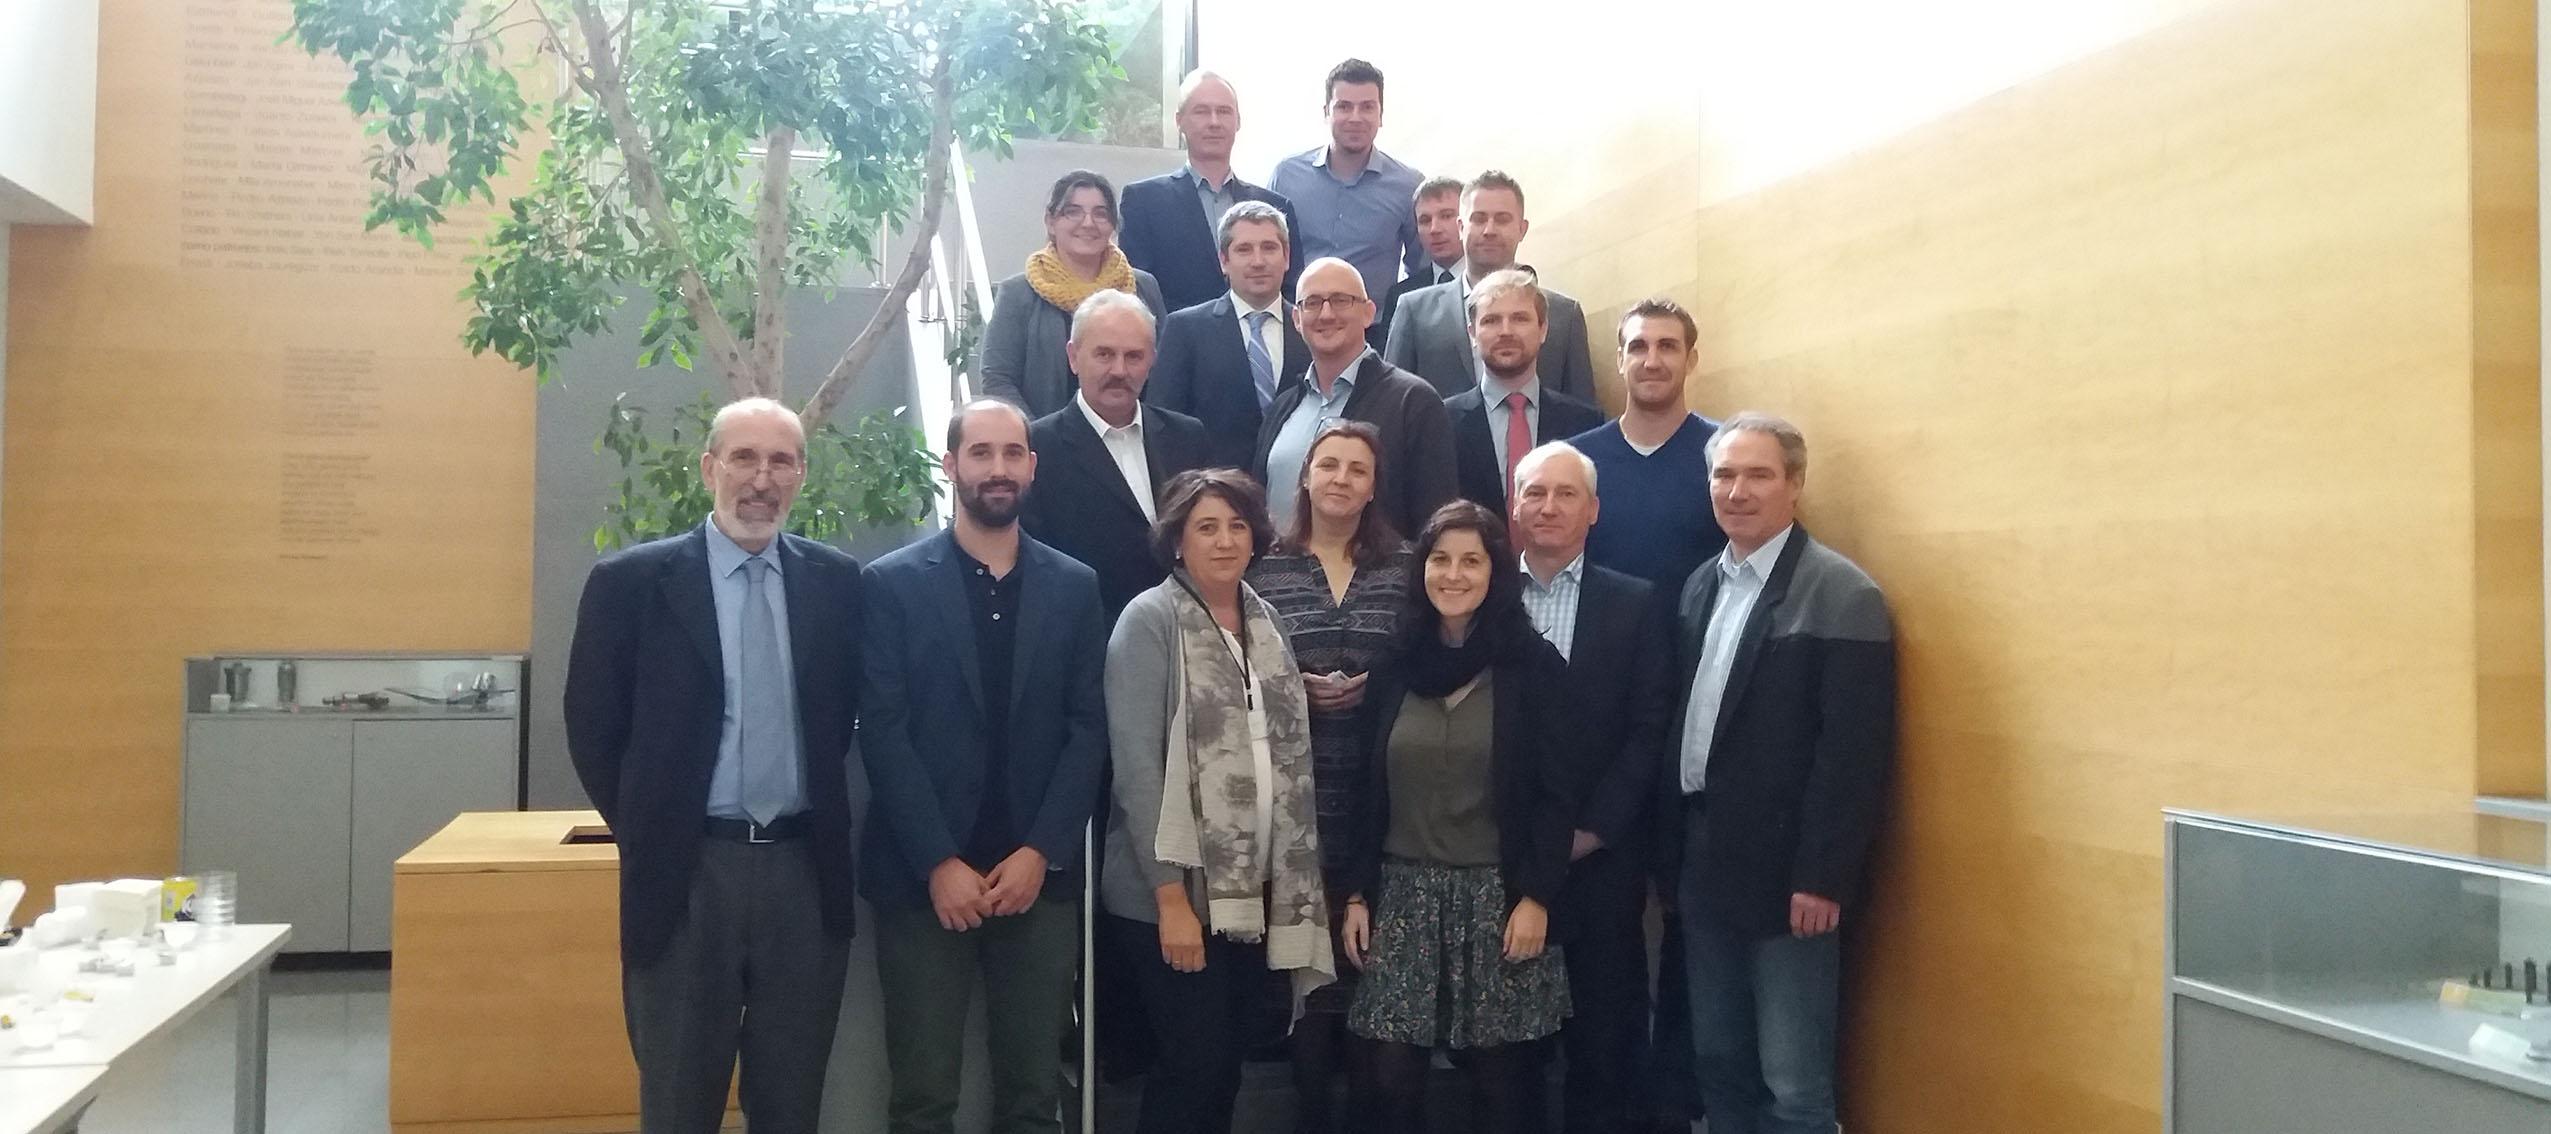 Ibarmia participa junto con Tecnalia en el proyecto europeo Paraddise que combina las tecnologías de adición por láser y las de mecanizado